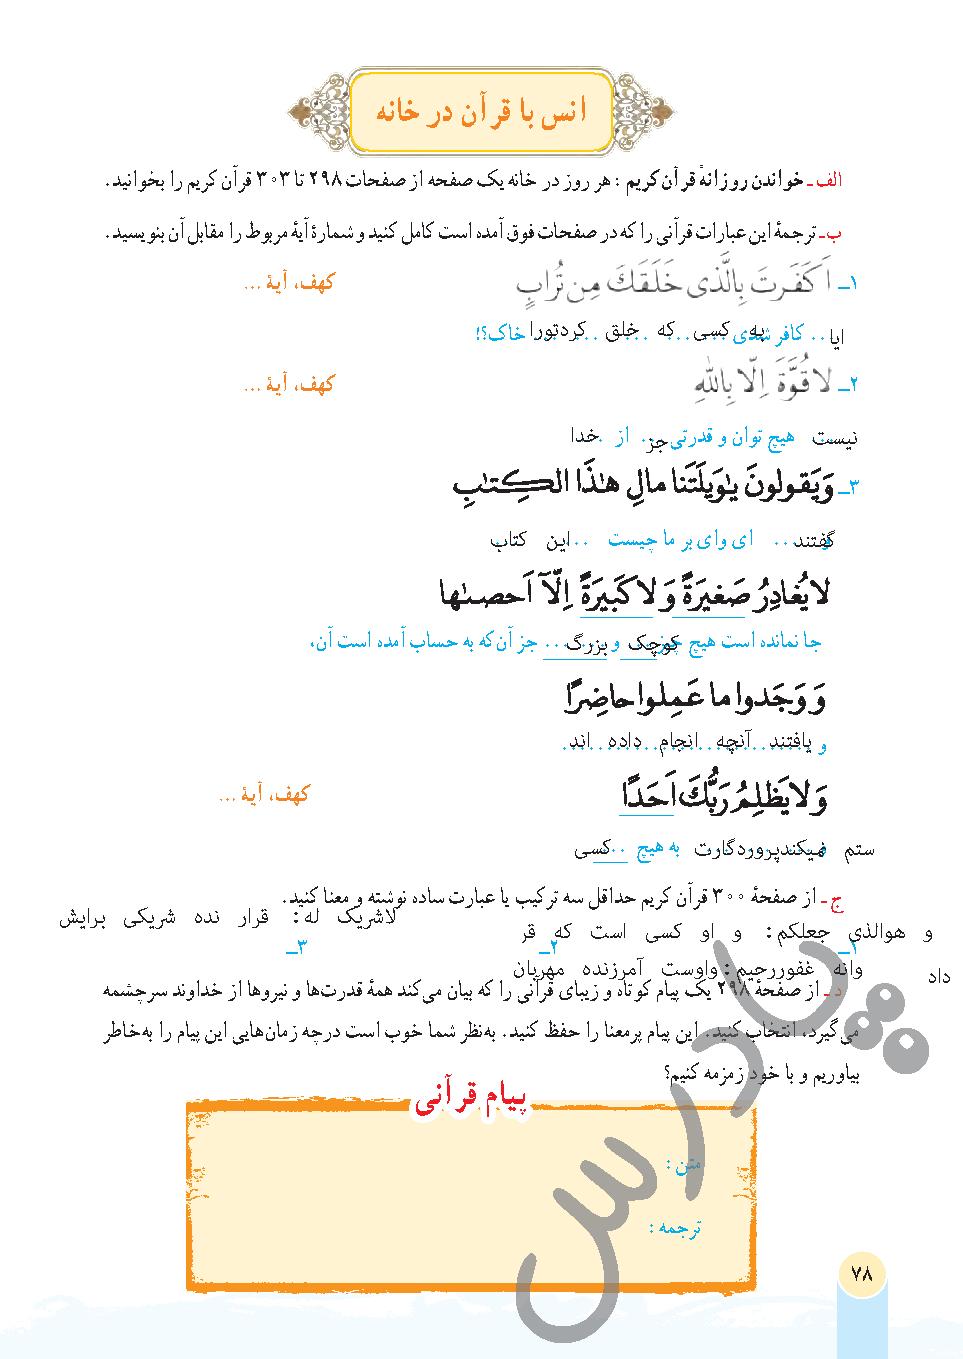 جواب انس با قرآن درس 8 قرآن هفتم - جلسه دوم